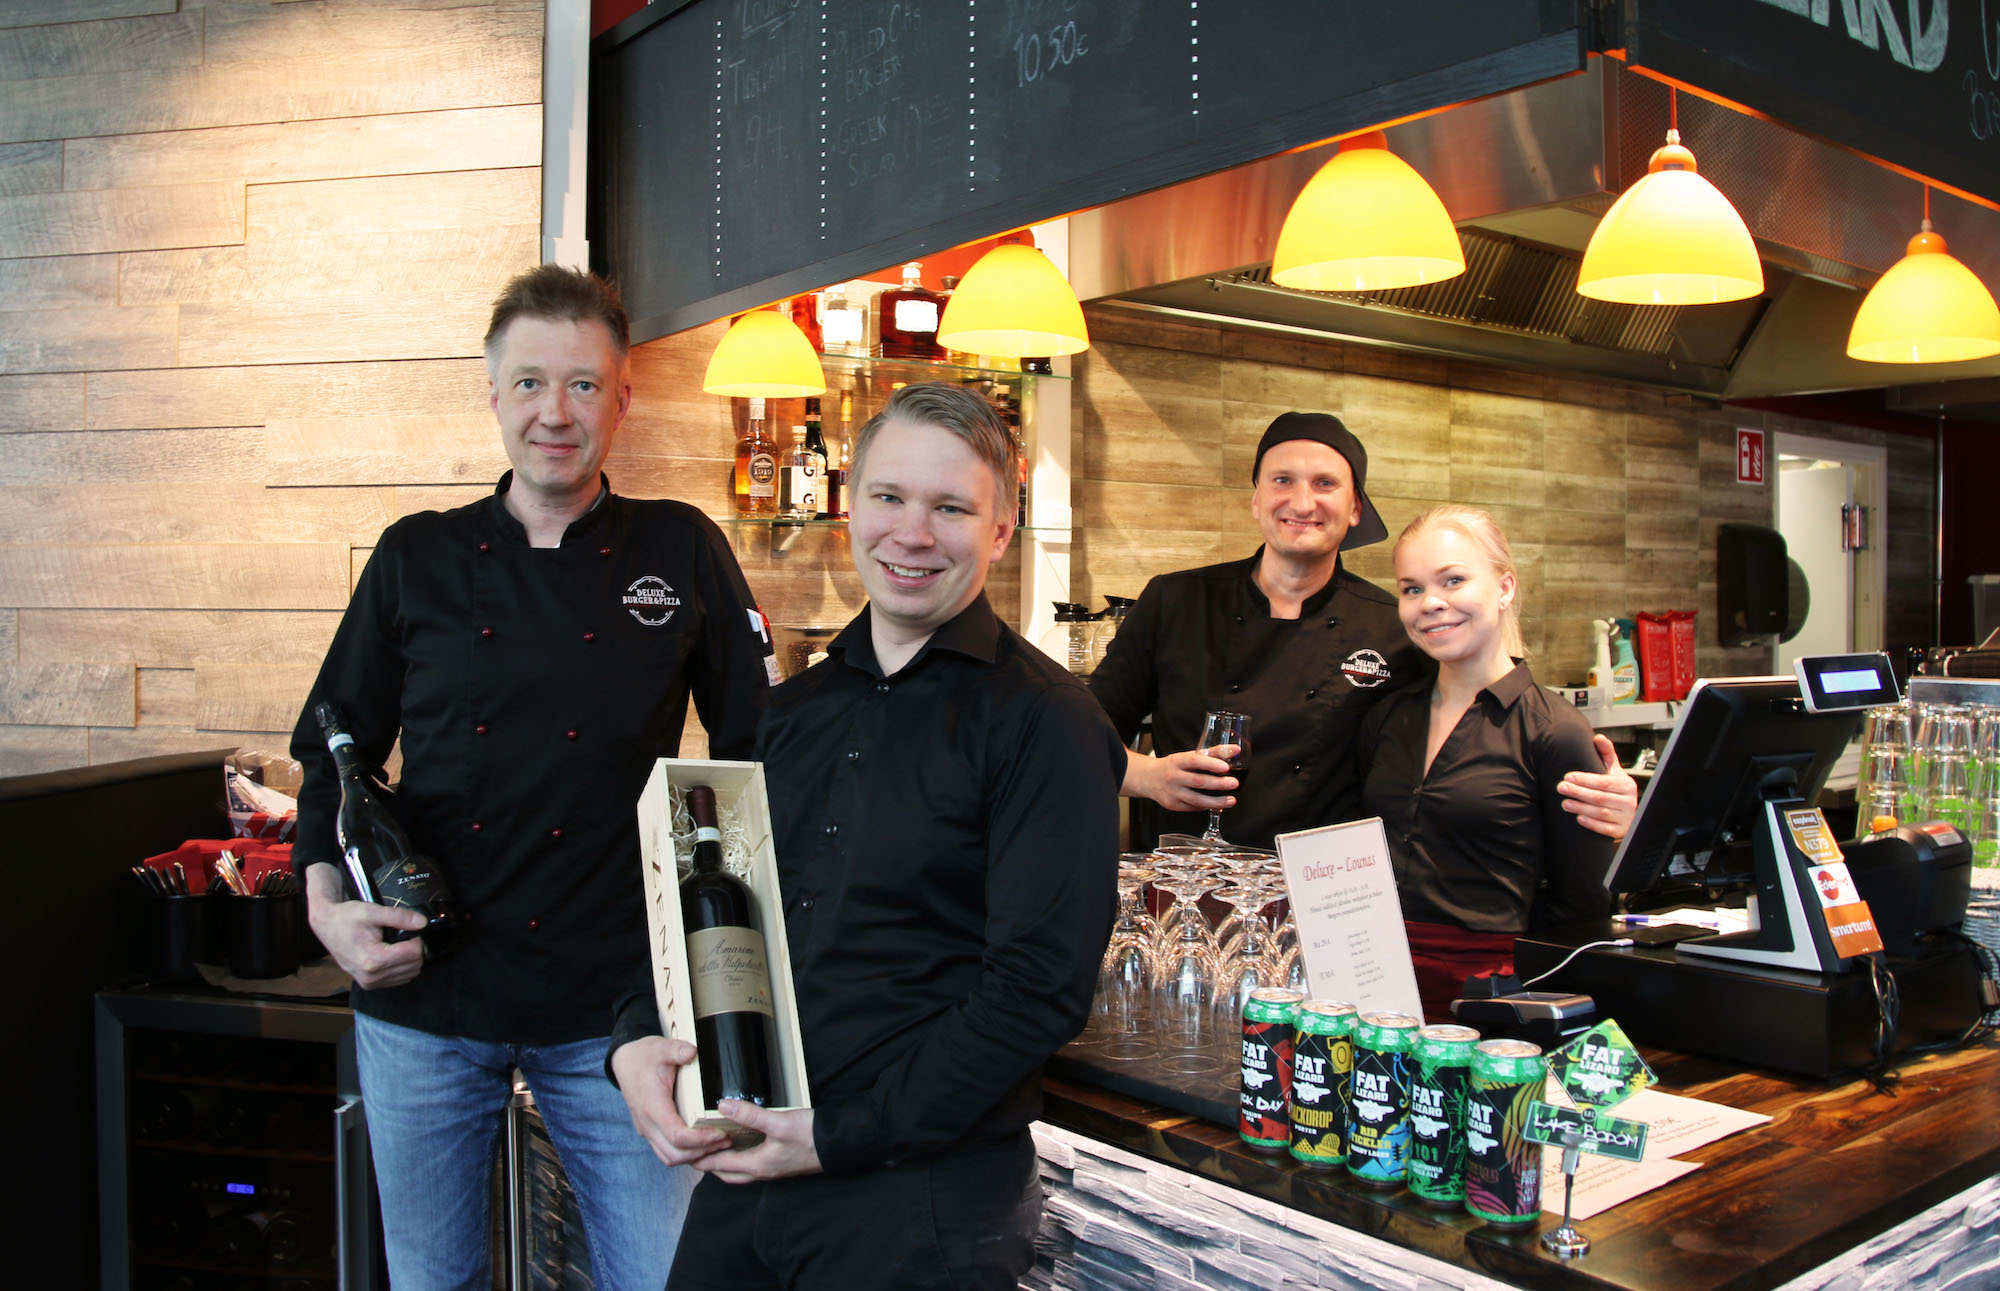 Deluxe Burger & Pizza Tony, Mikko ja henkilökuntaa